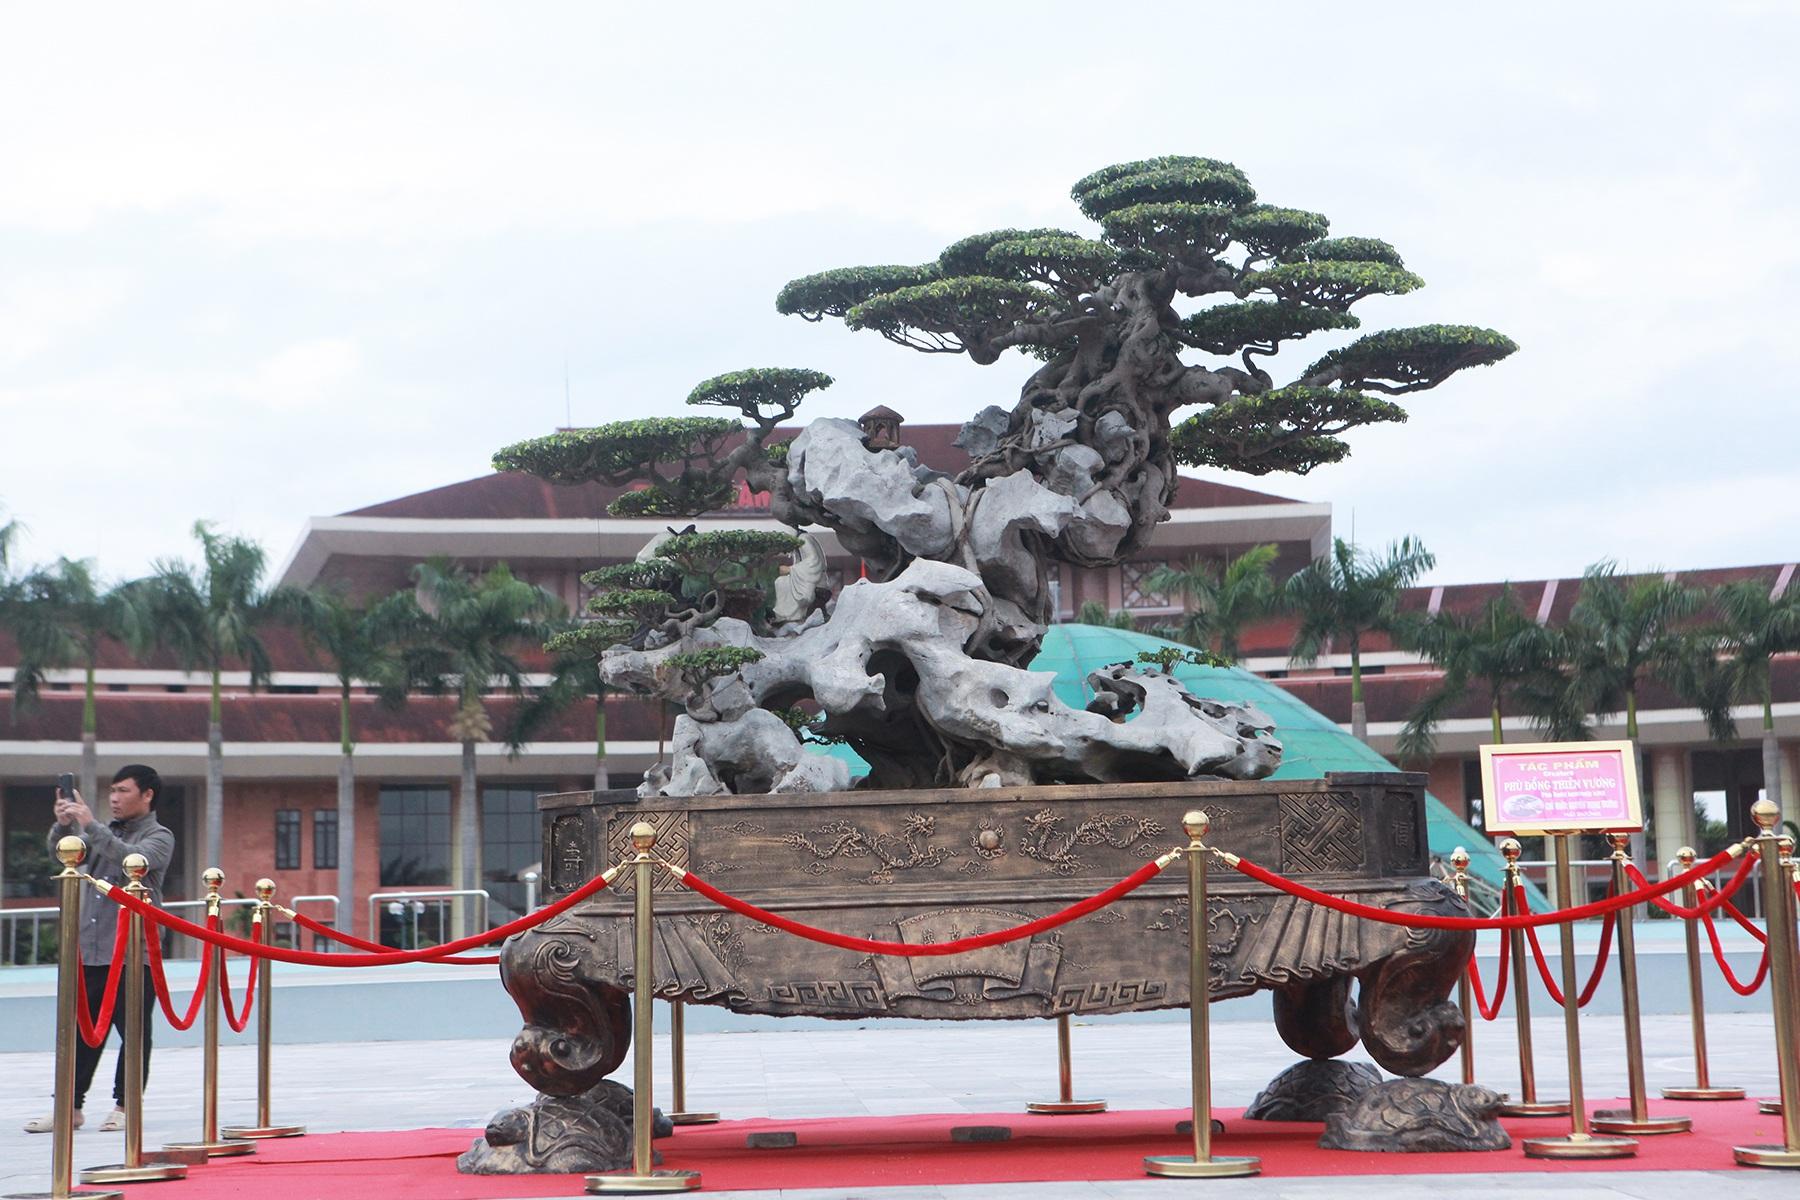 Ngỡ ngàng với huyền thoại sanh cổ ký đá kỳ vĩ nhất Việt Nam - 1